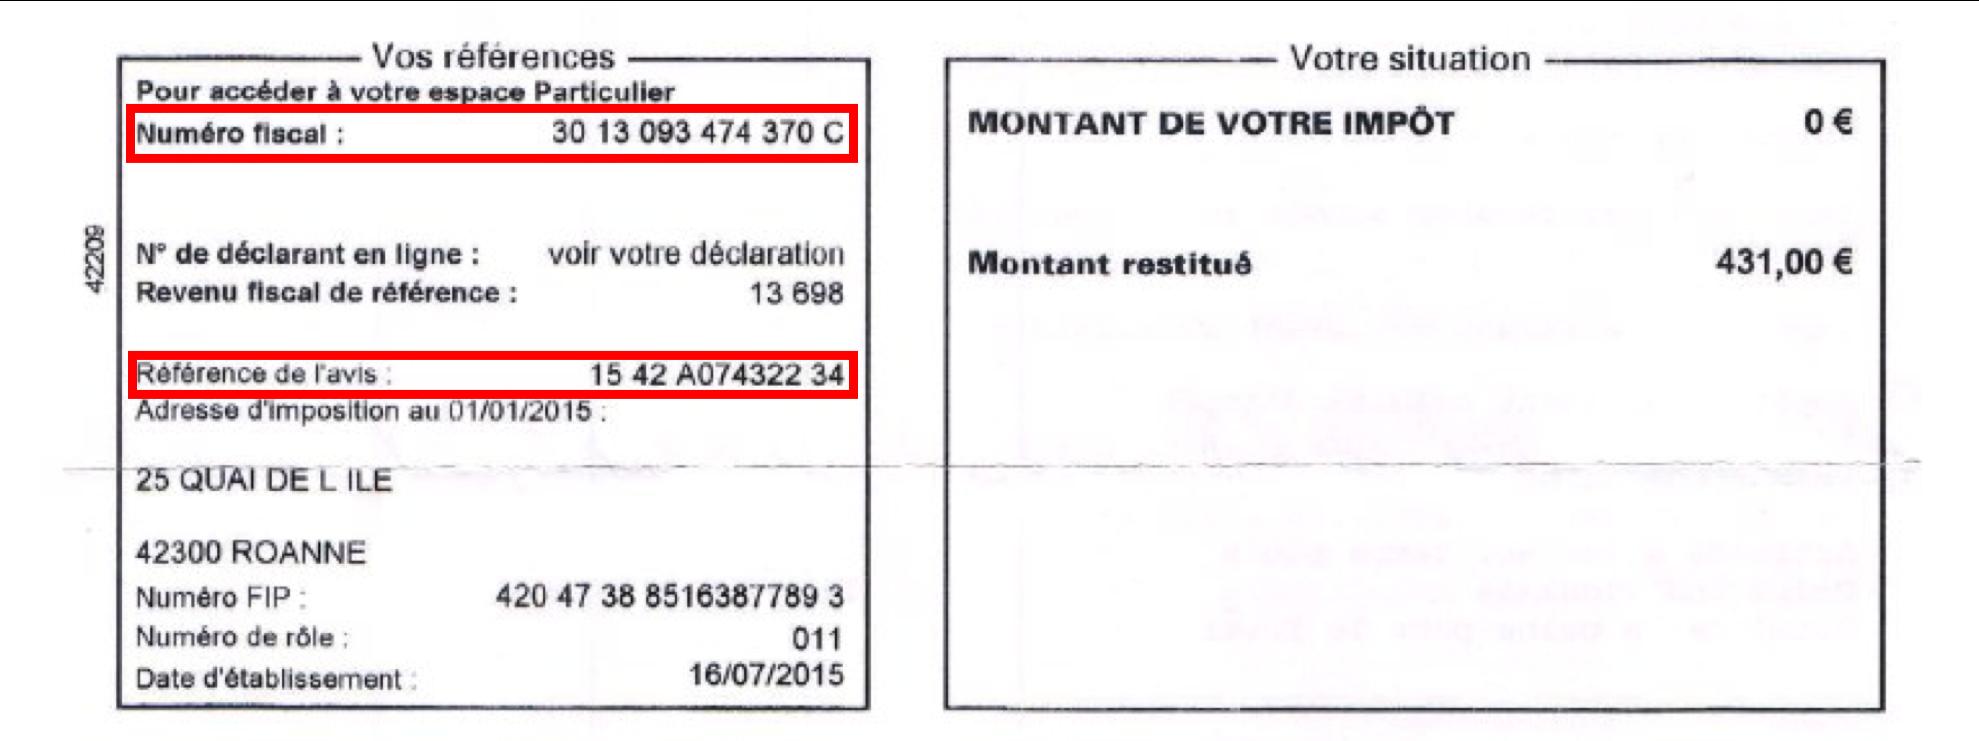 Numéro fiscal et référence du document sur l'avis d'imposition